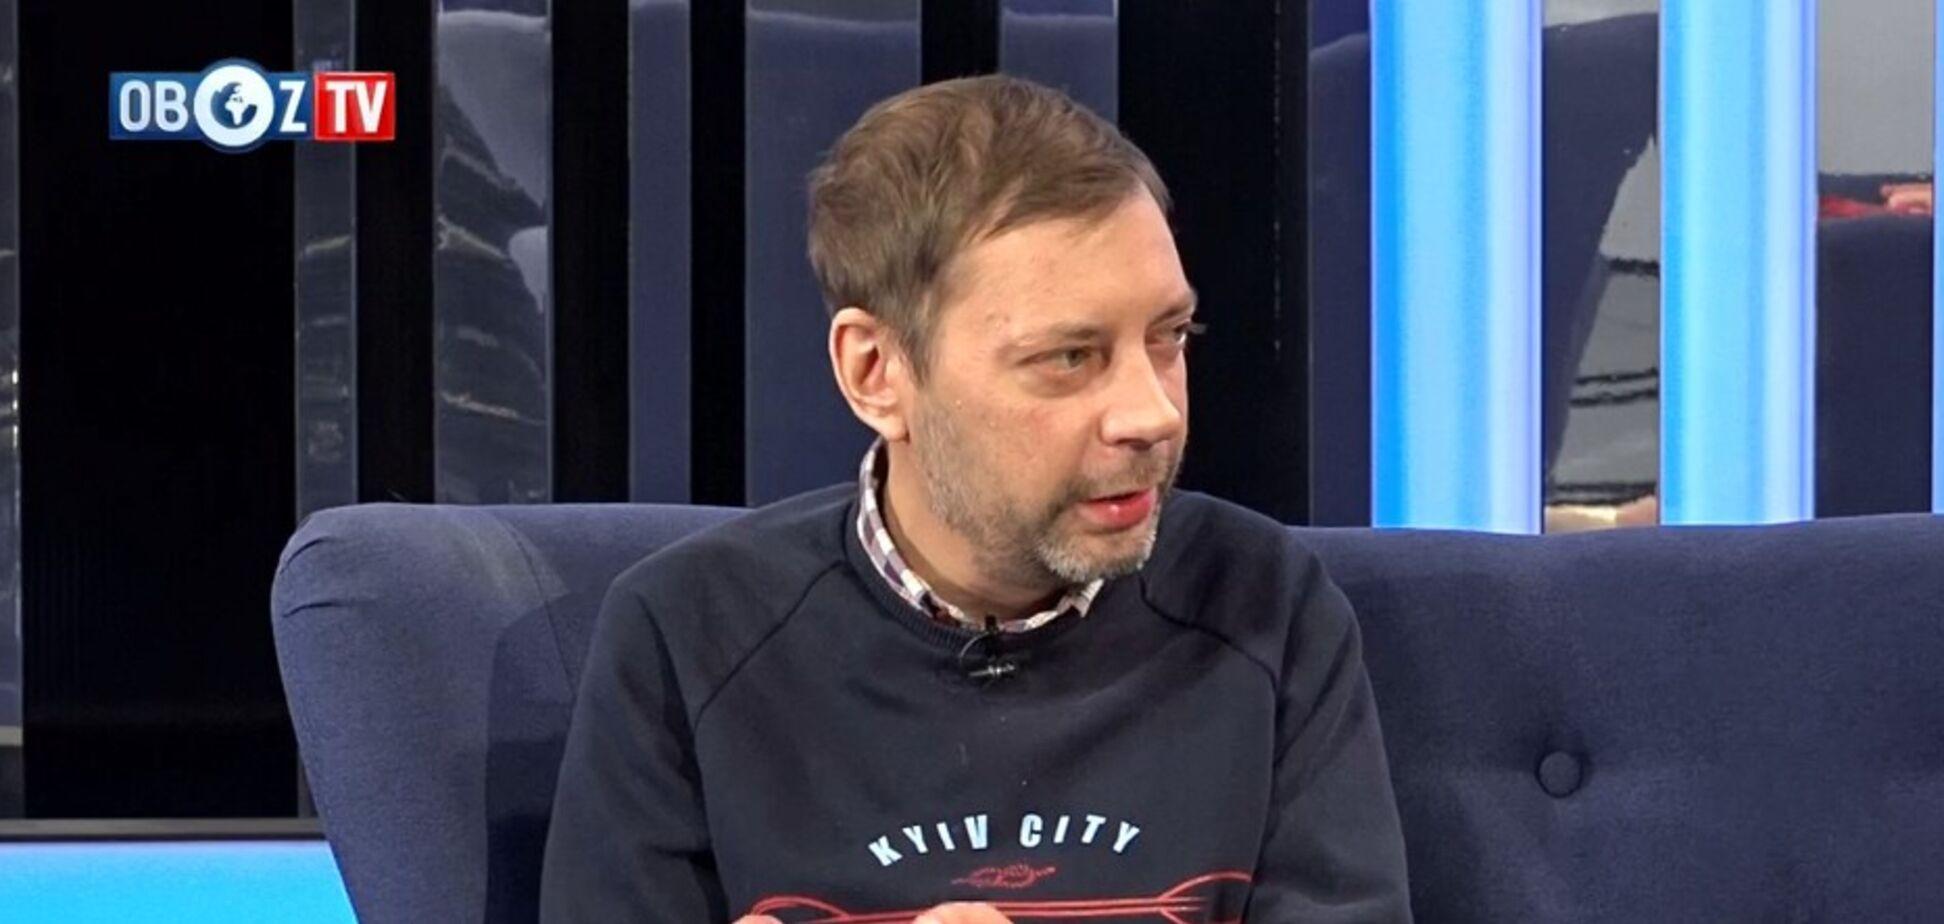 Говорить, что на Майдане все проплаченные – это смешно: спикер ''Правого сектора''